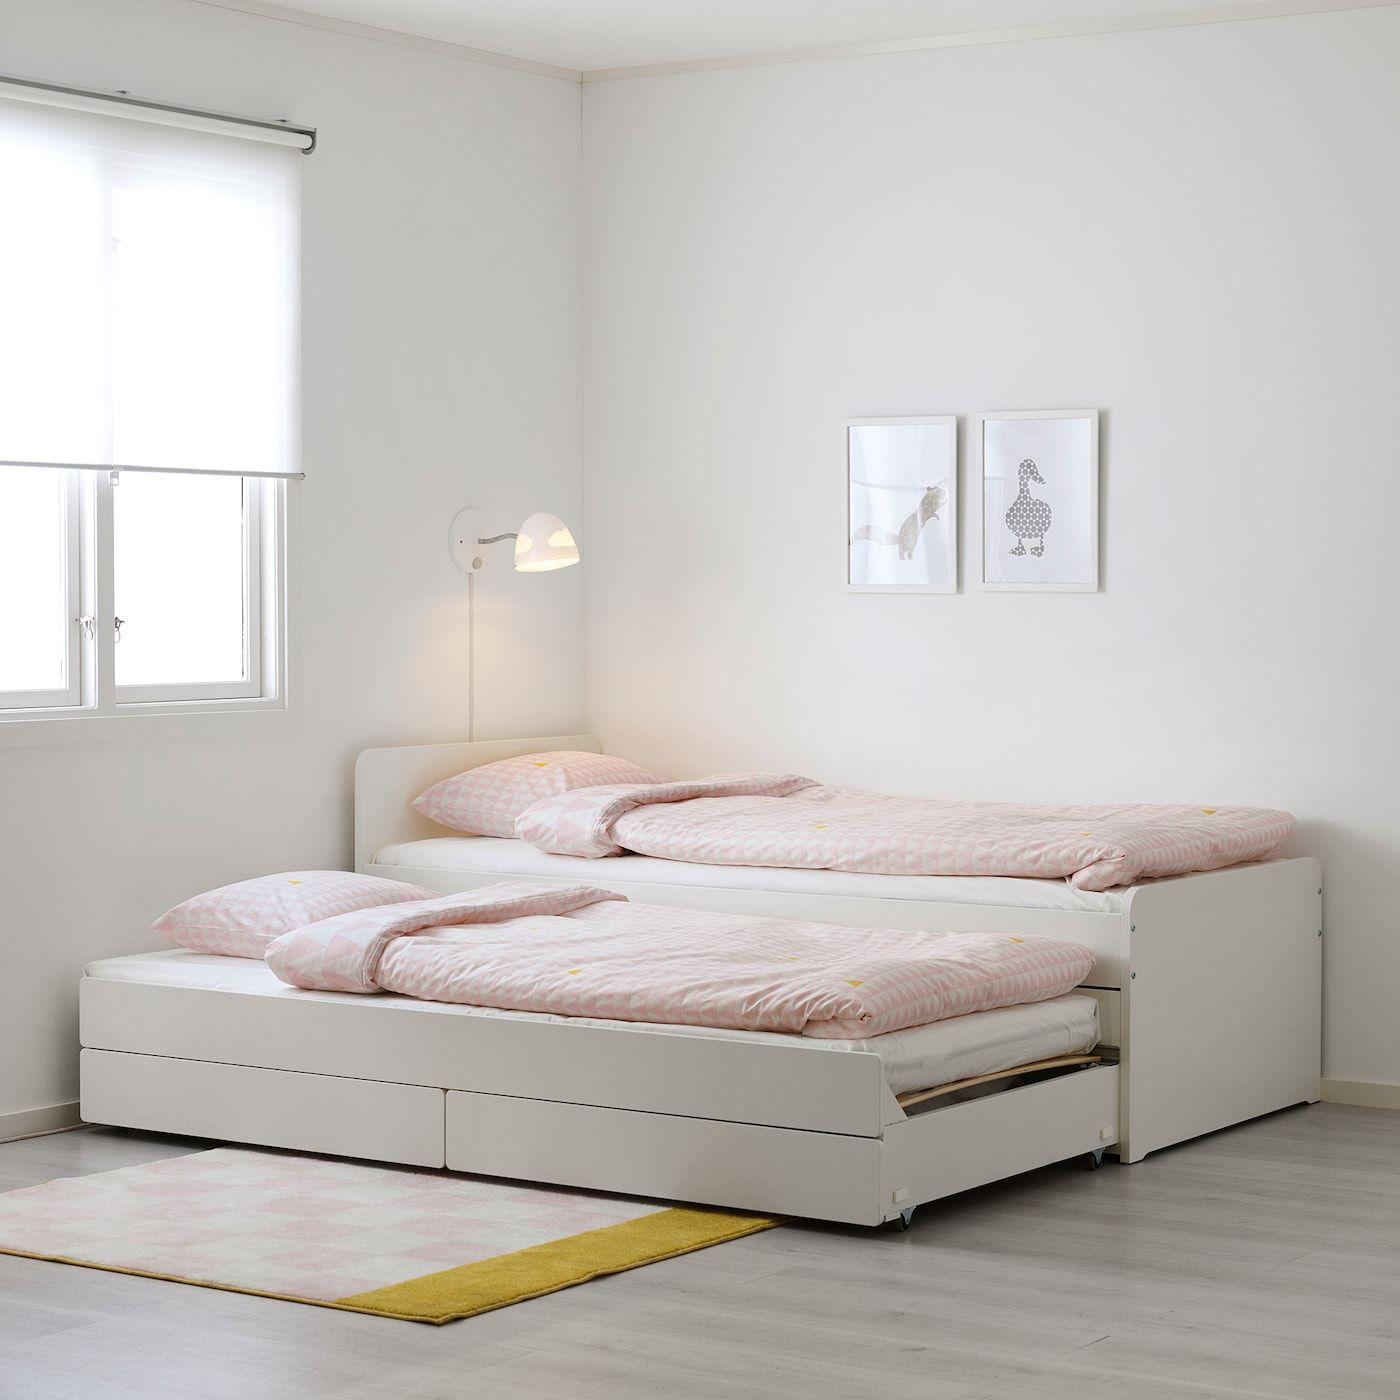 Slakt Unterbett Mit Aufbewahrung Weiss Ikea Osterreich In 2020 Ikea Bedroom Design Ikea Bed Pull Out Bed